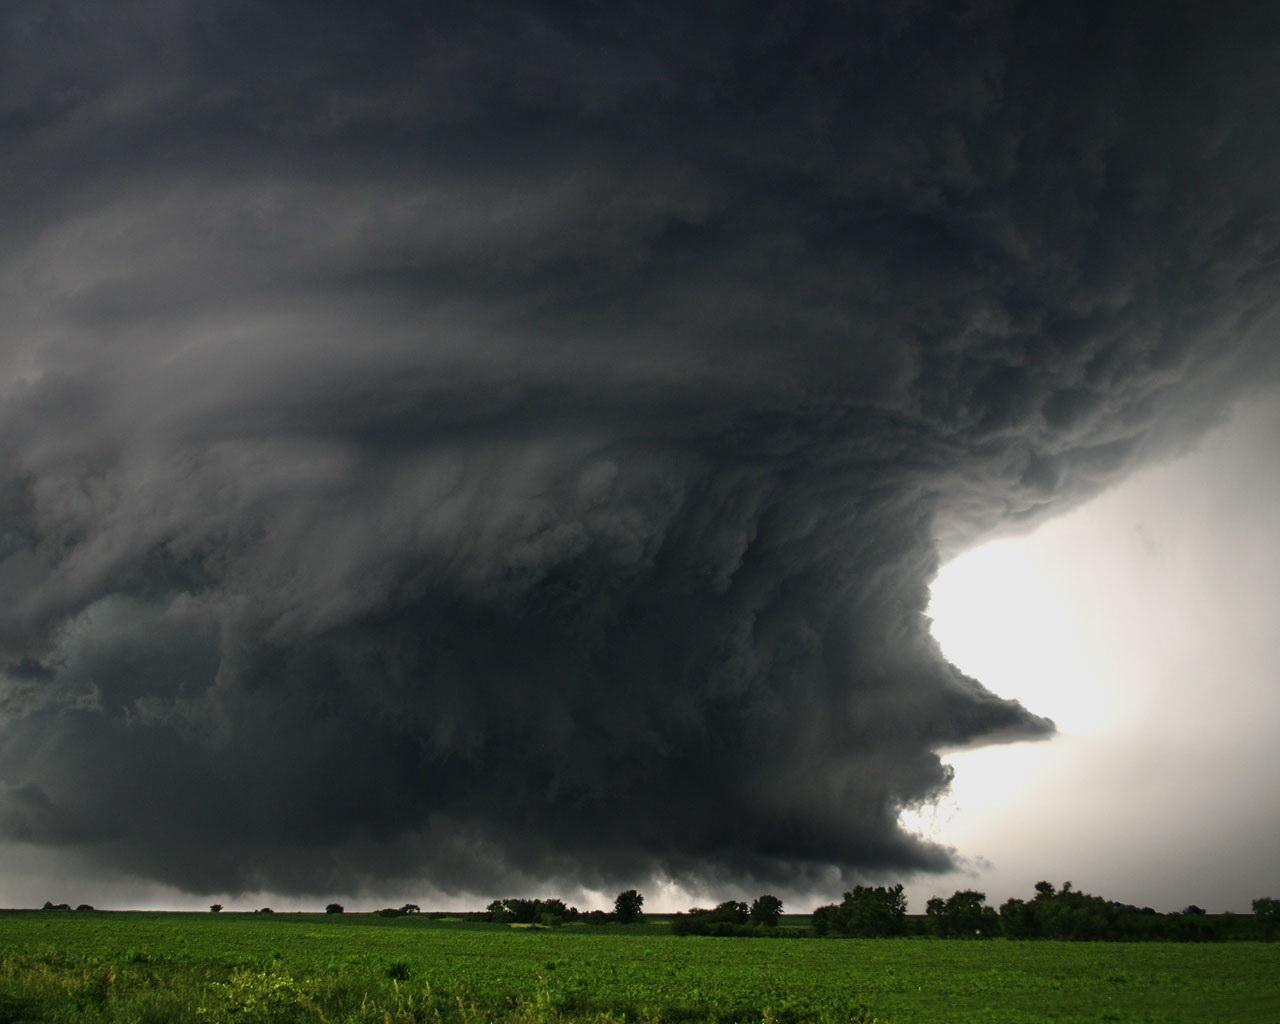 торнадо, образование смерчей вихрей